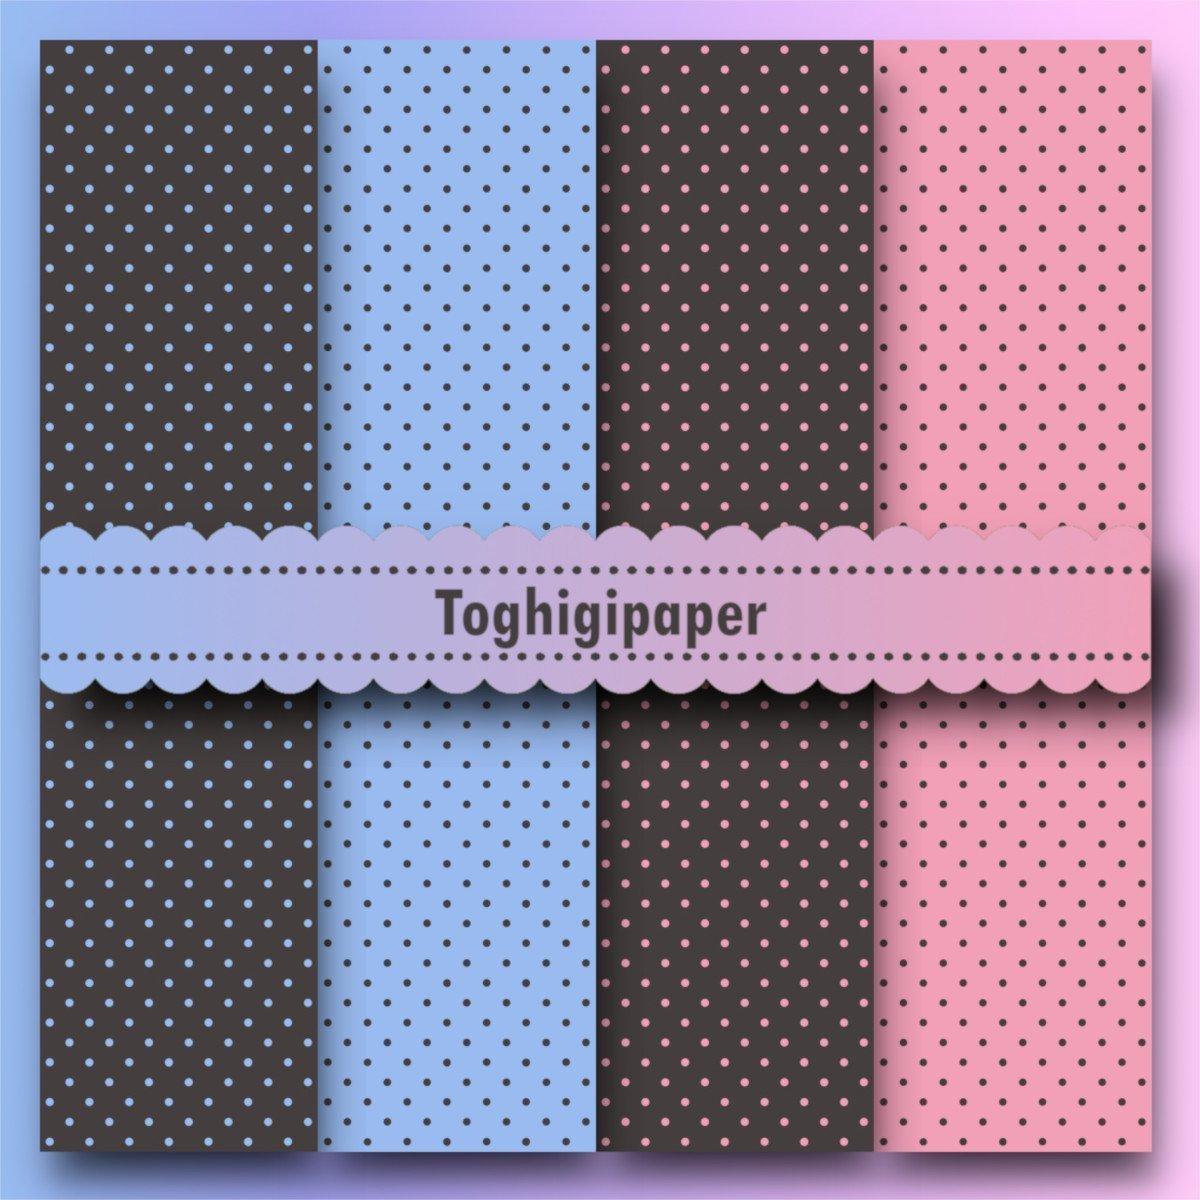 Sfondi E Patterns Pois Rosa Celesti Grigi Toghigipaper